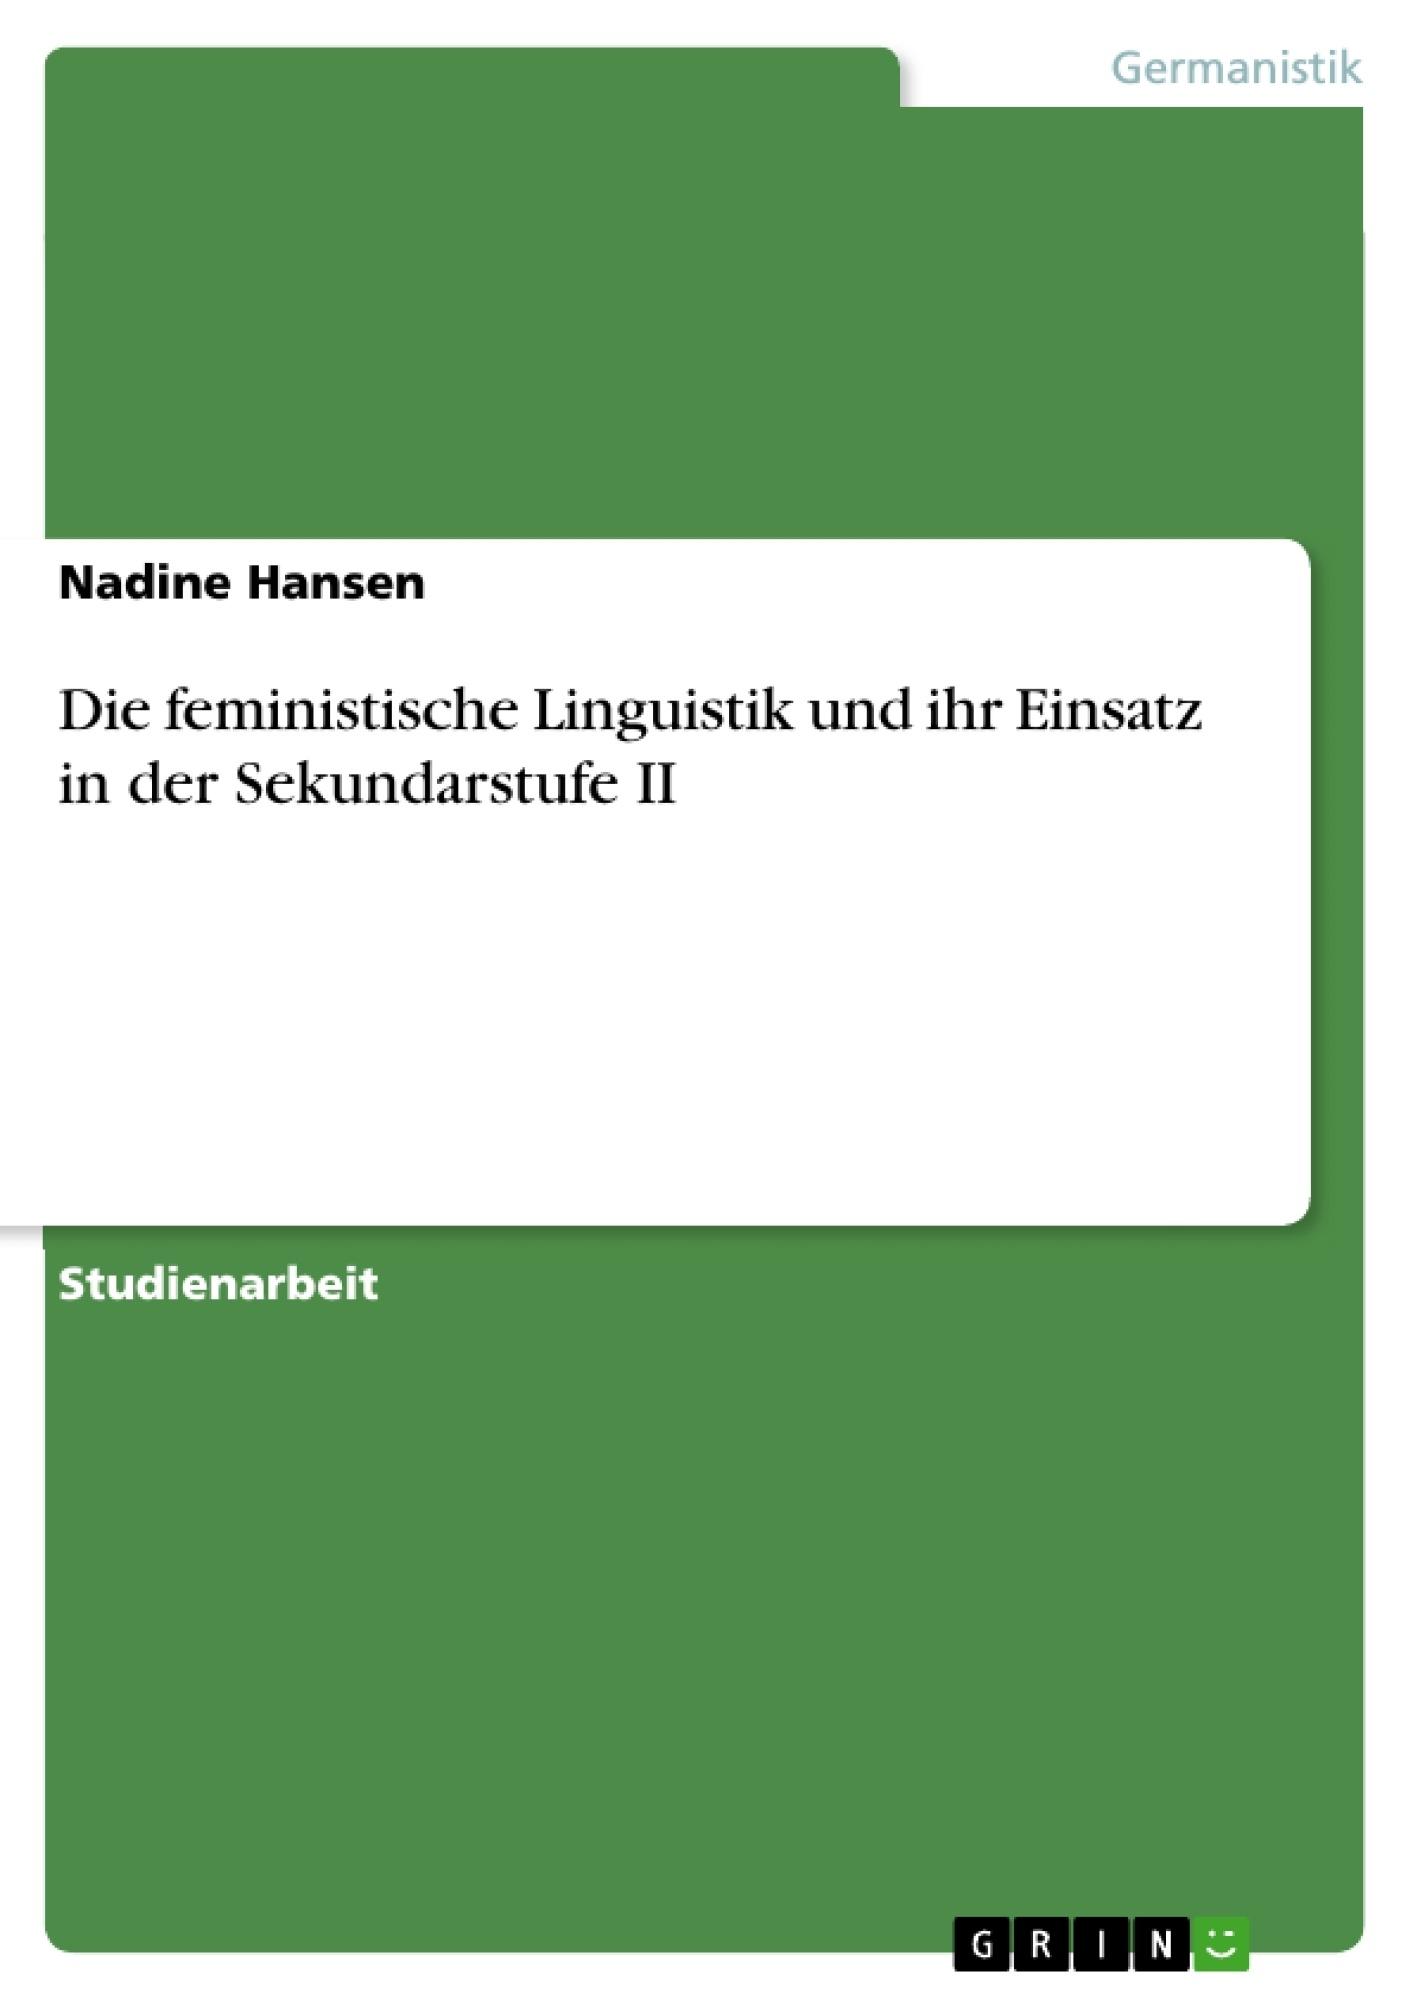 Titel: Die feministische Linguistik und ihr Einsatz in der Sekundarstufe II